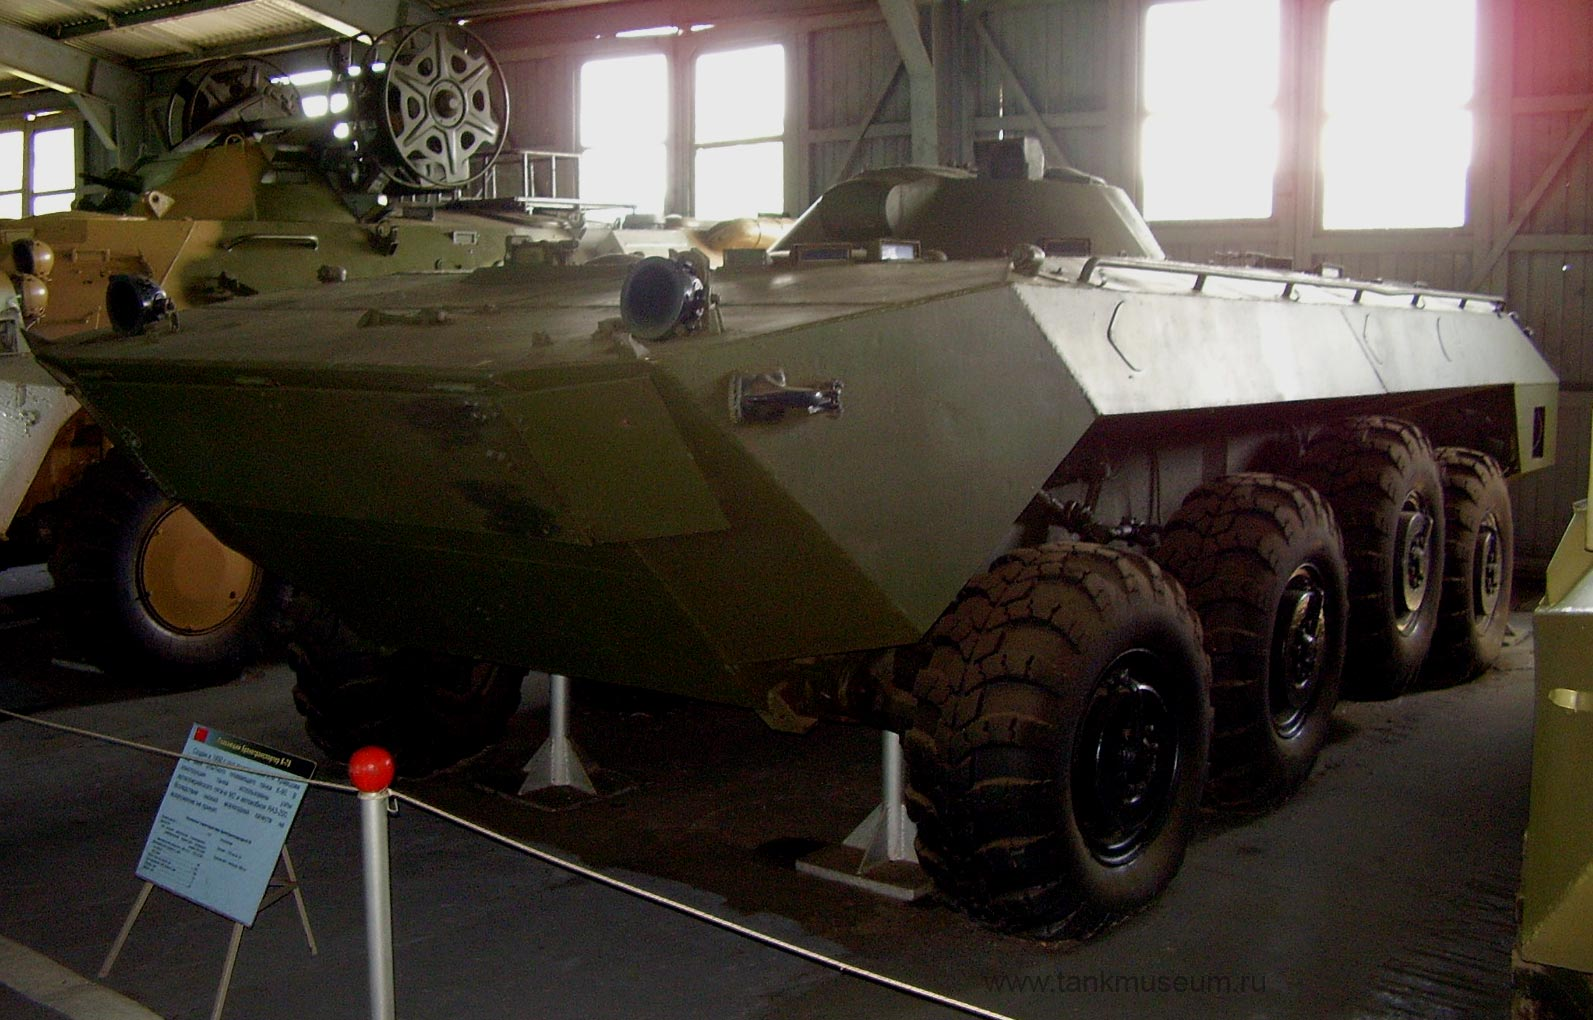 Боевая машина пехоты - экспериментальное колесное шасси -Объект 1200